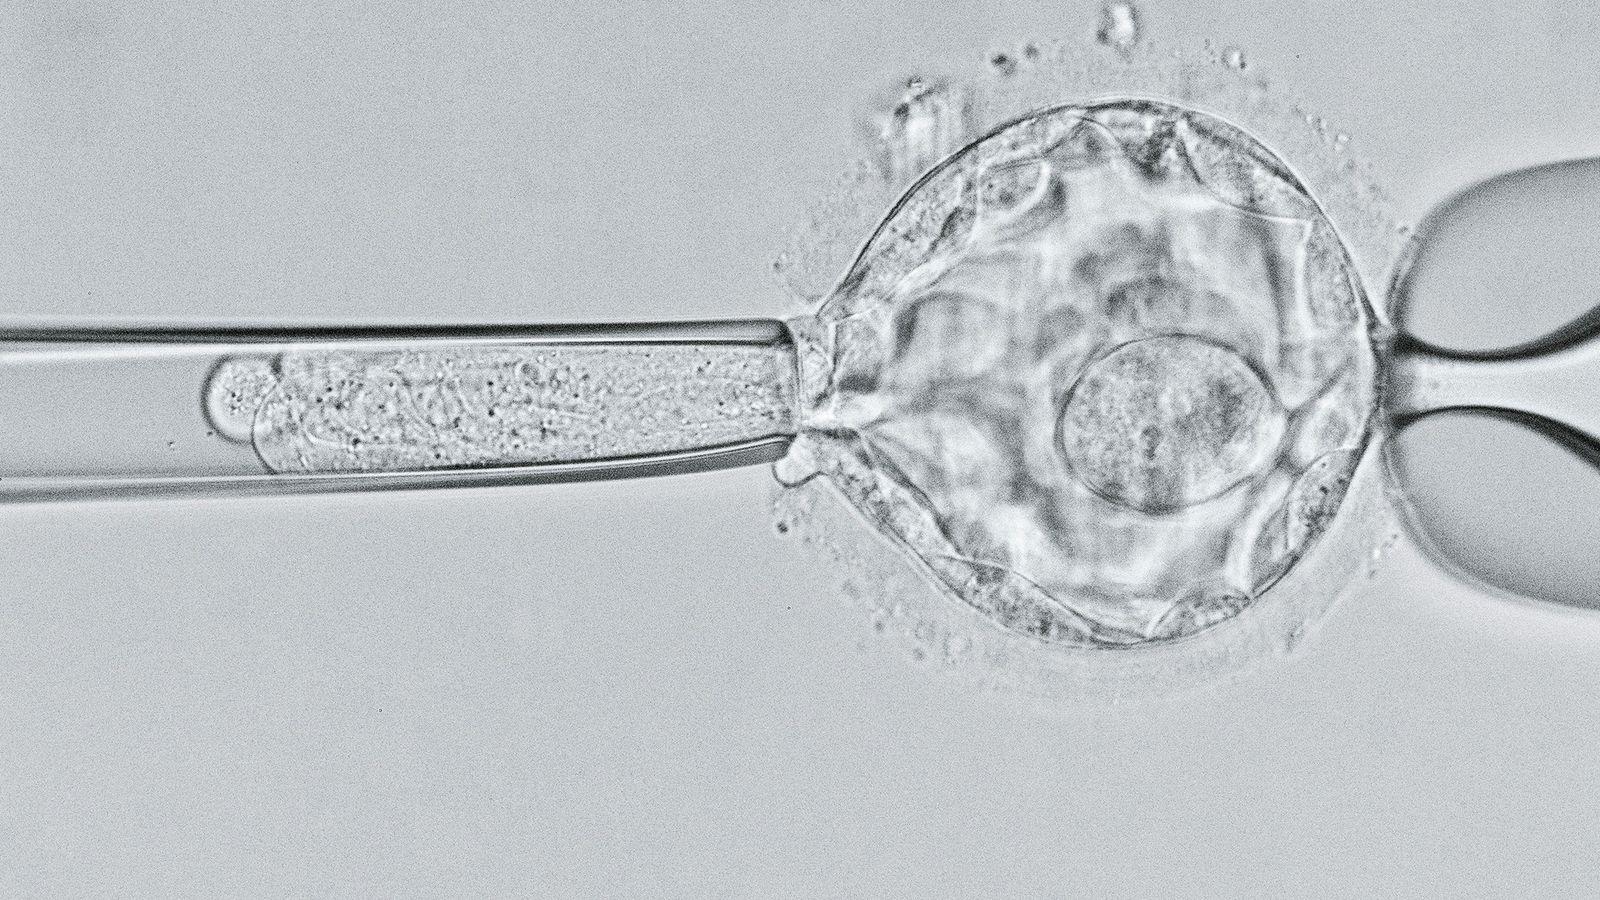 Wissenschaftler untersuchen eine fünf Tage als Blastozyste auf das Gen für Mukoviszidose. Mit einer Reihe von ...